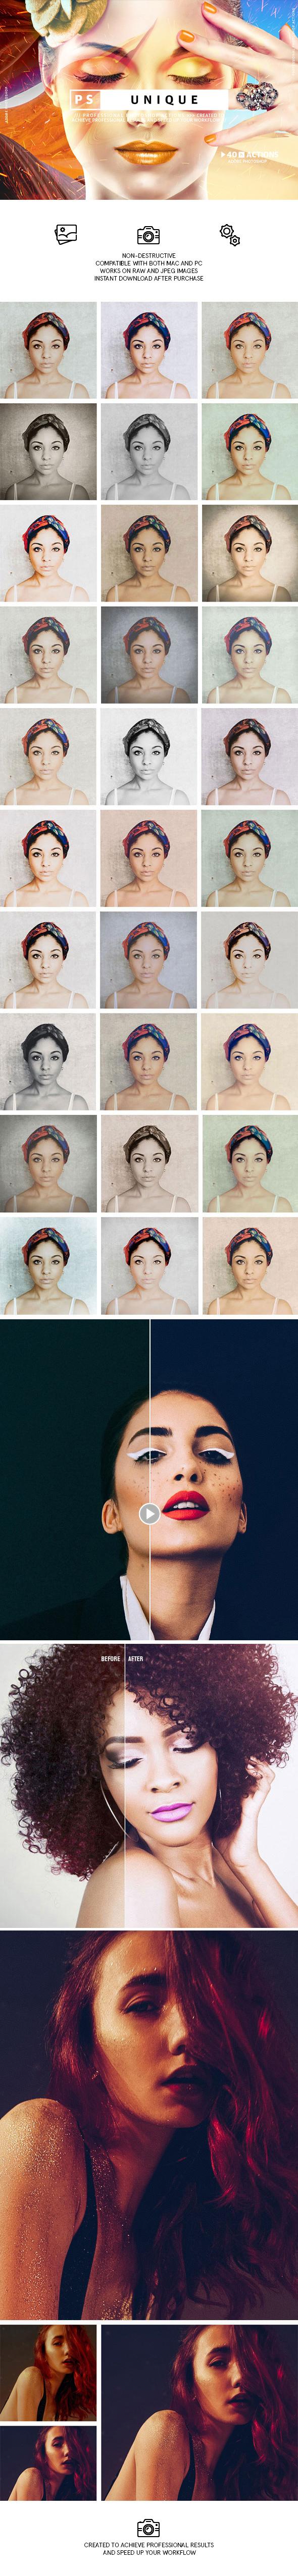 Uniqu Photoshop Actions - Photo Effects Actions